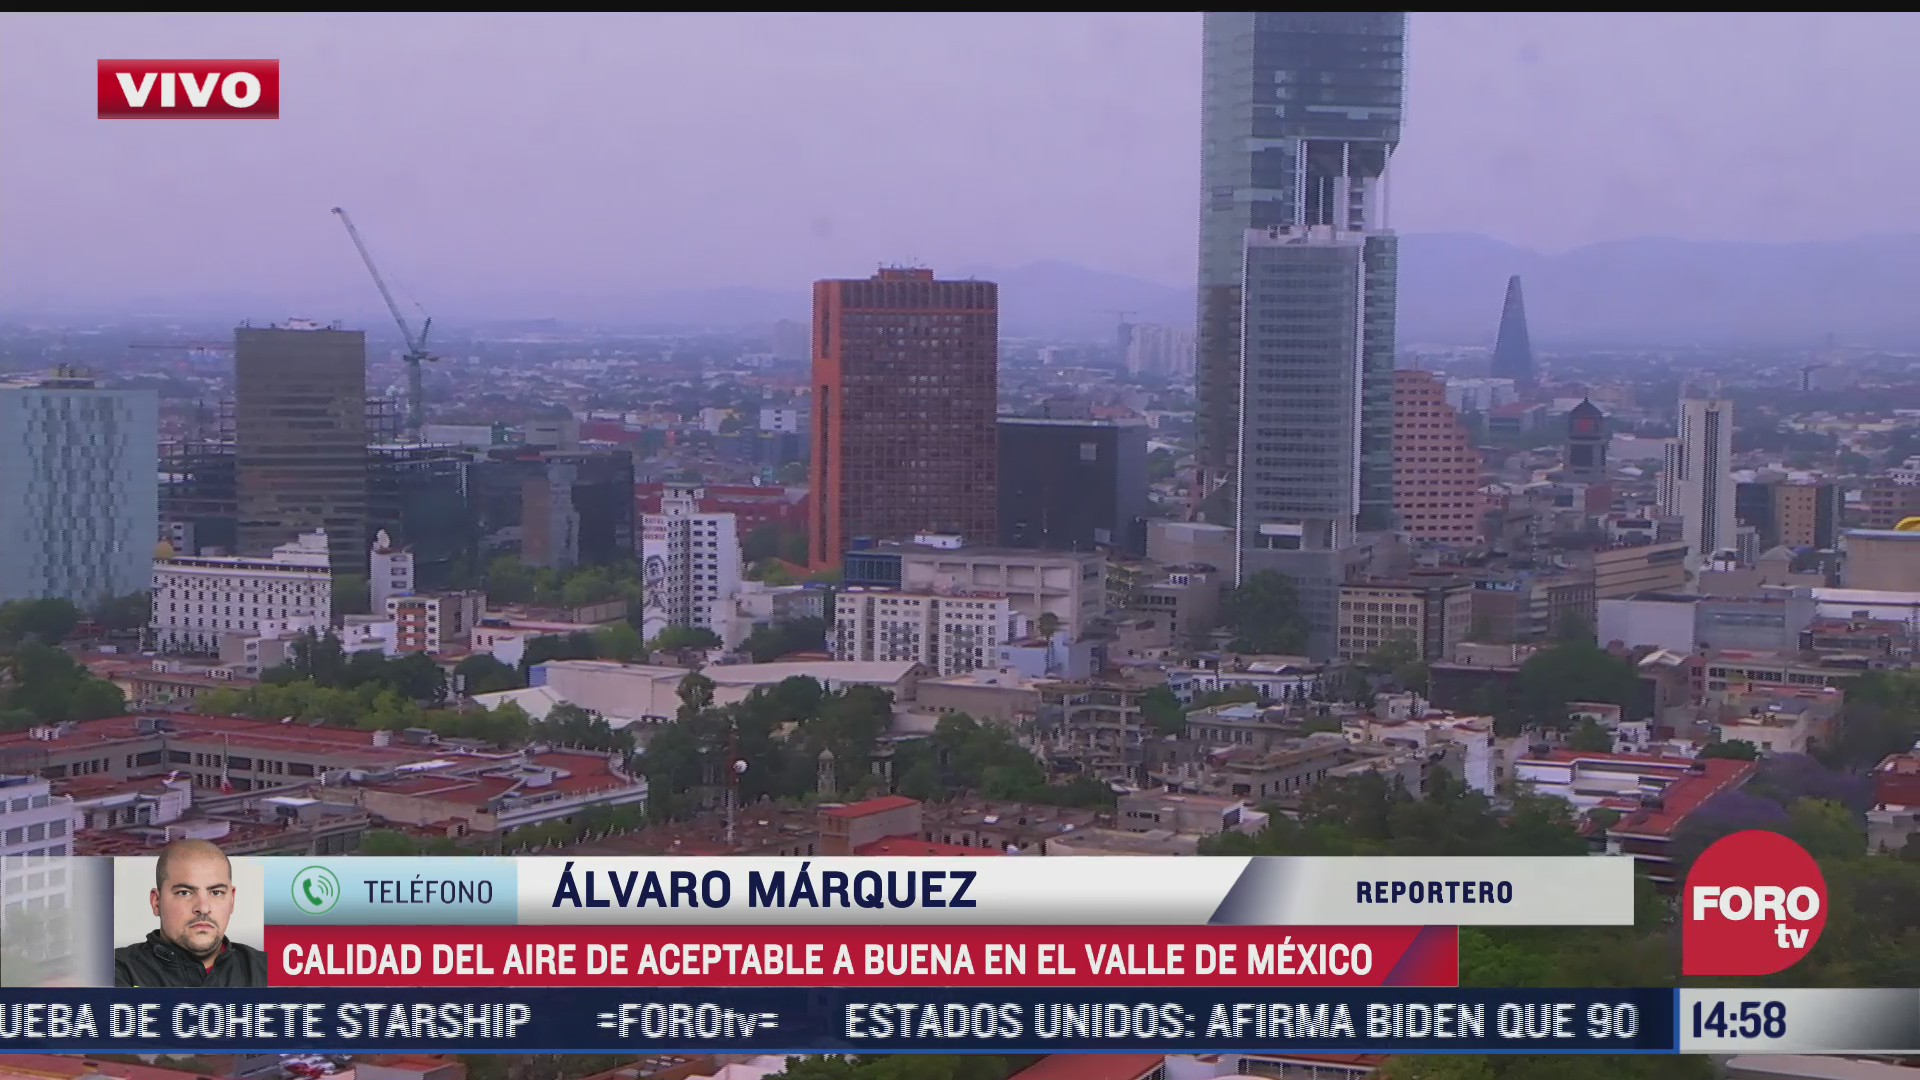 se pronostica mala calidad del aire en el valle de mexico